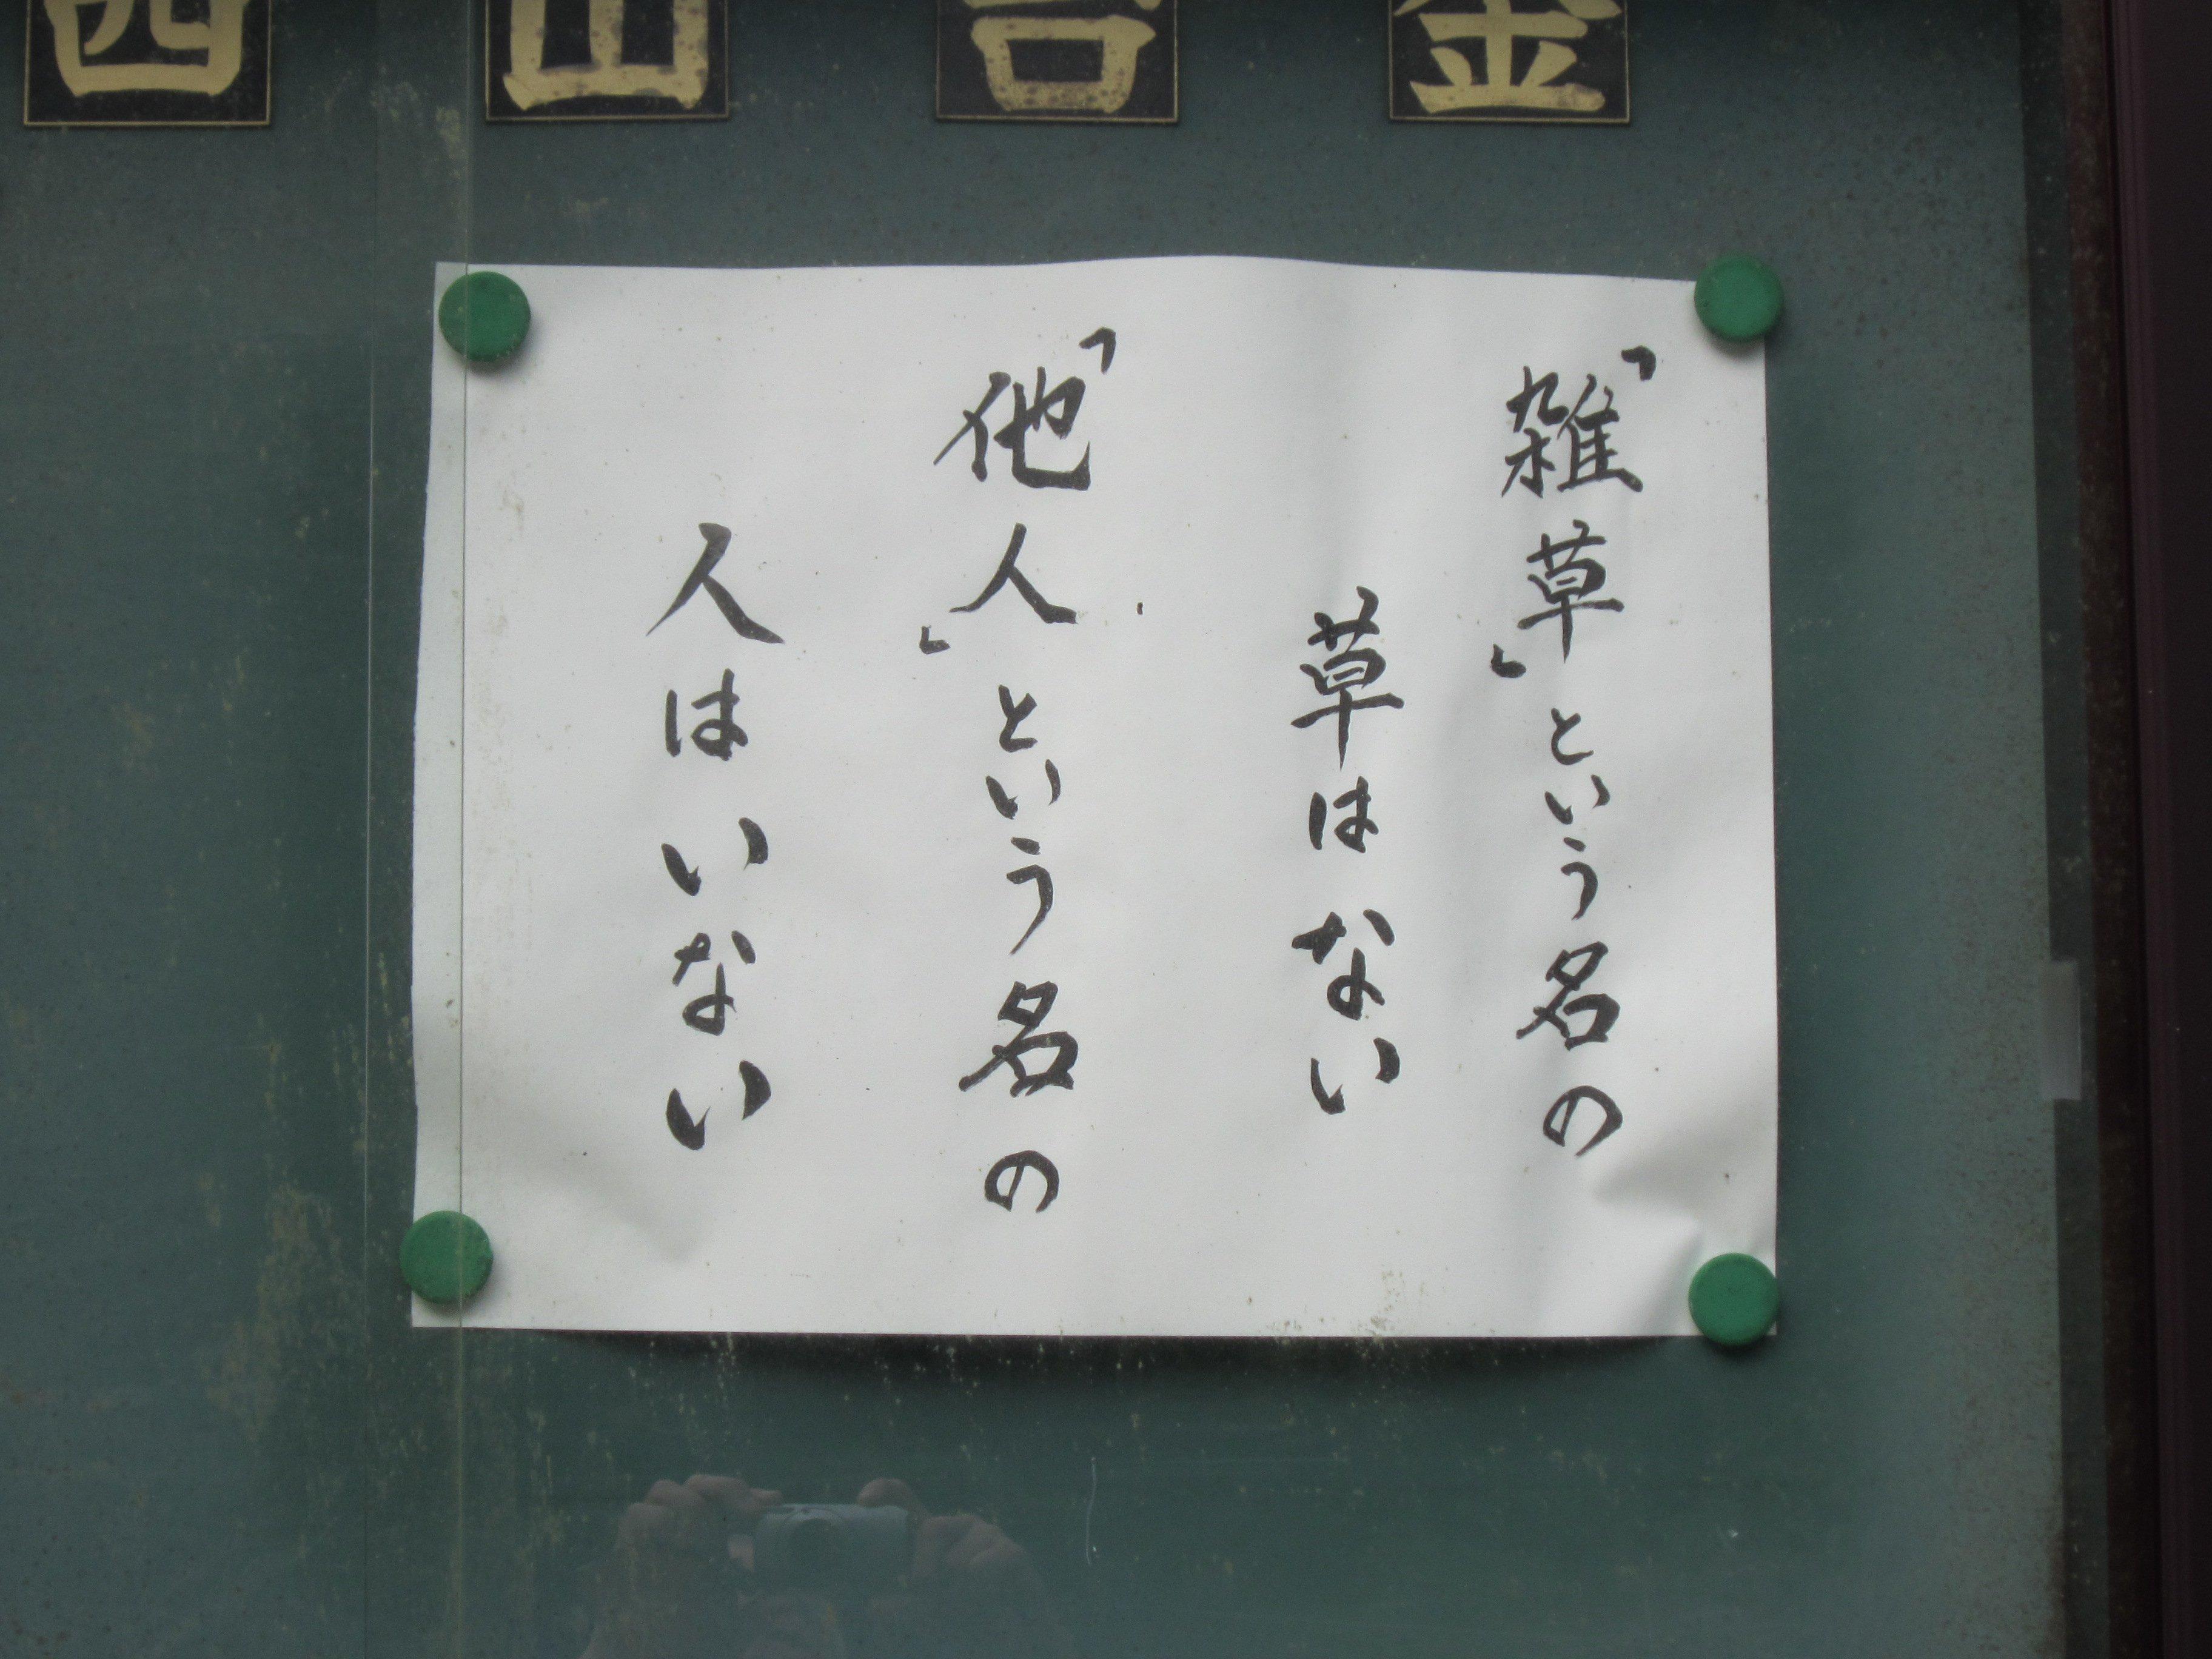 西蓮寺坂下、掲示板